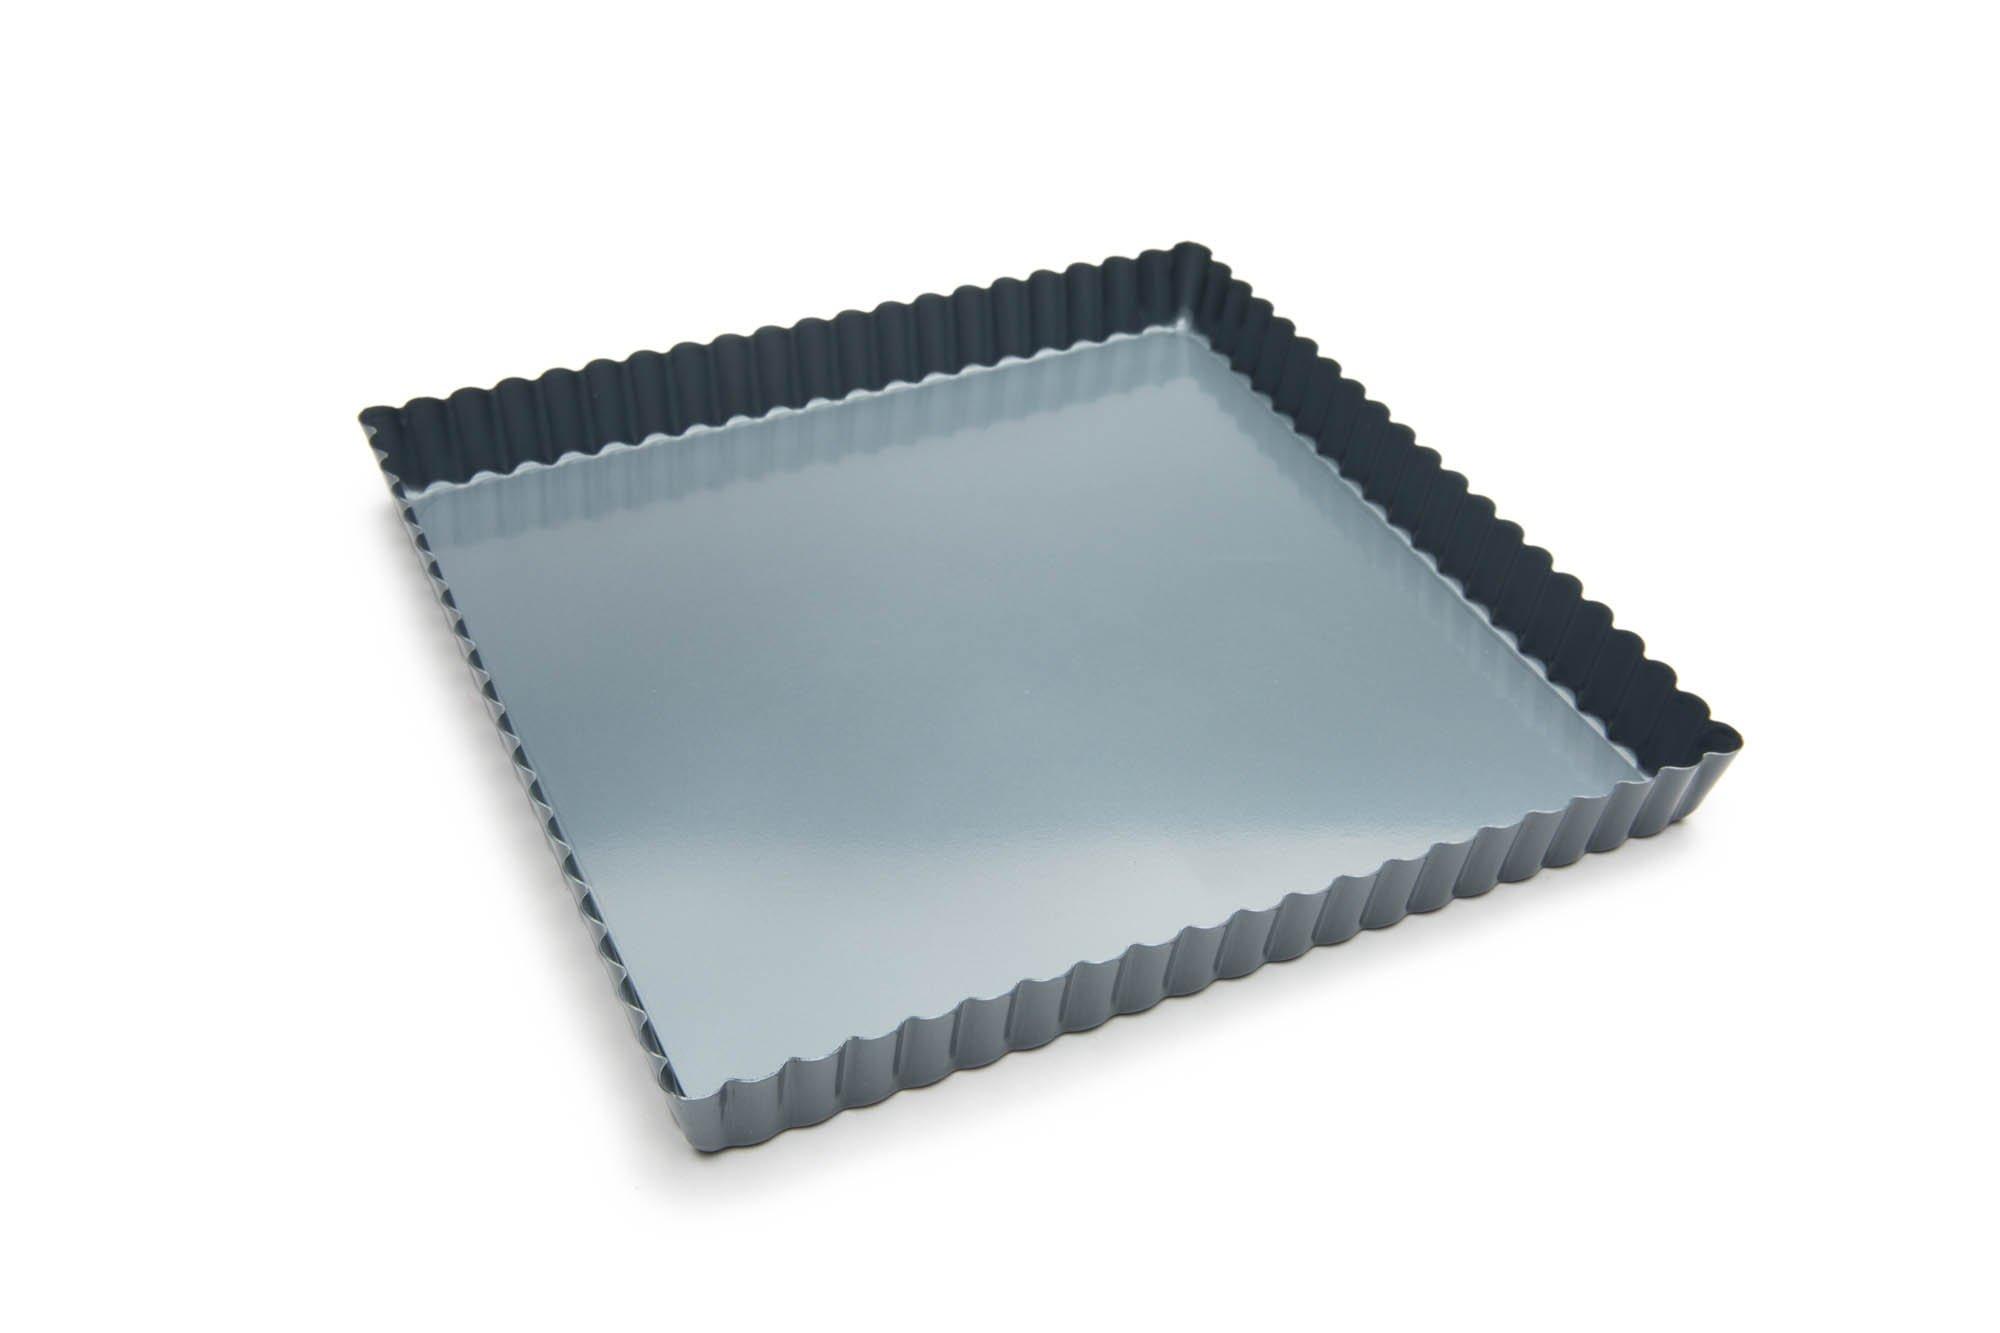 Fox Run 44910 Square Quiche Pan with Removable Bottom, Non-Stick, 9-Inch